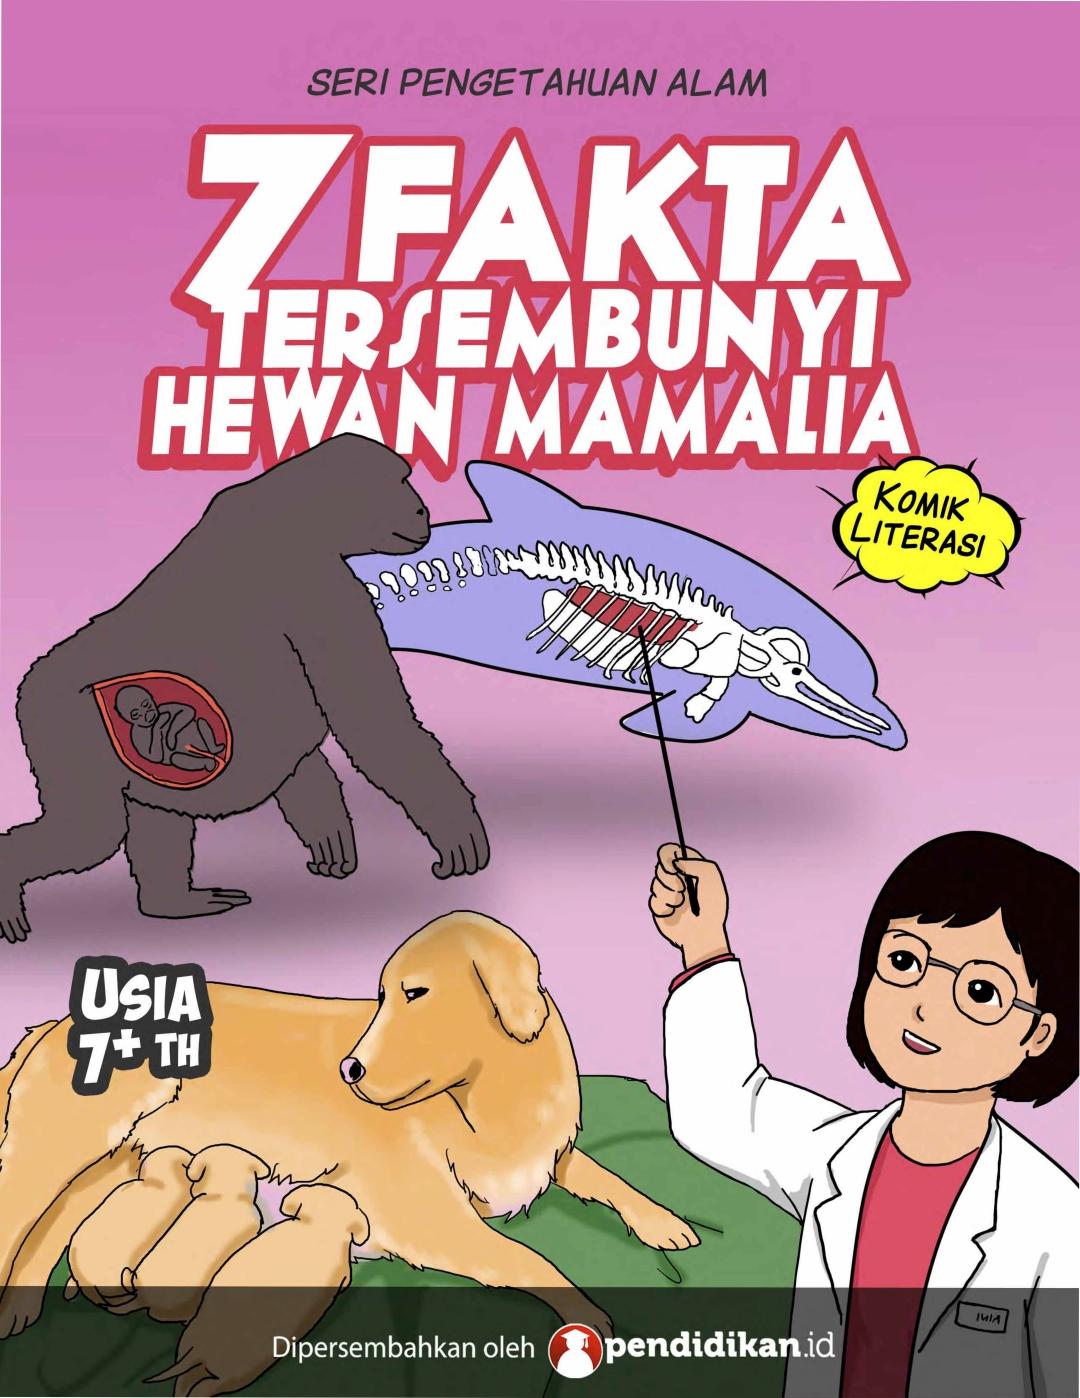 Mengenal Hewan Mamalia Berdasarkan 7 Fakta Tersembunyi di Komik Edukasi yang Menarik